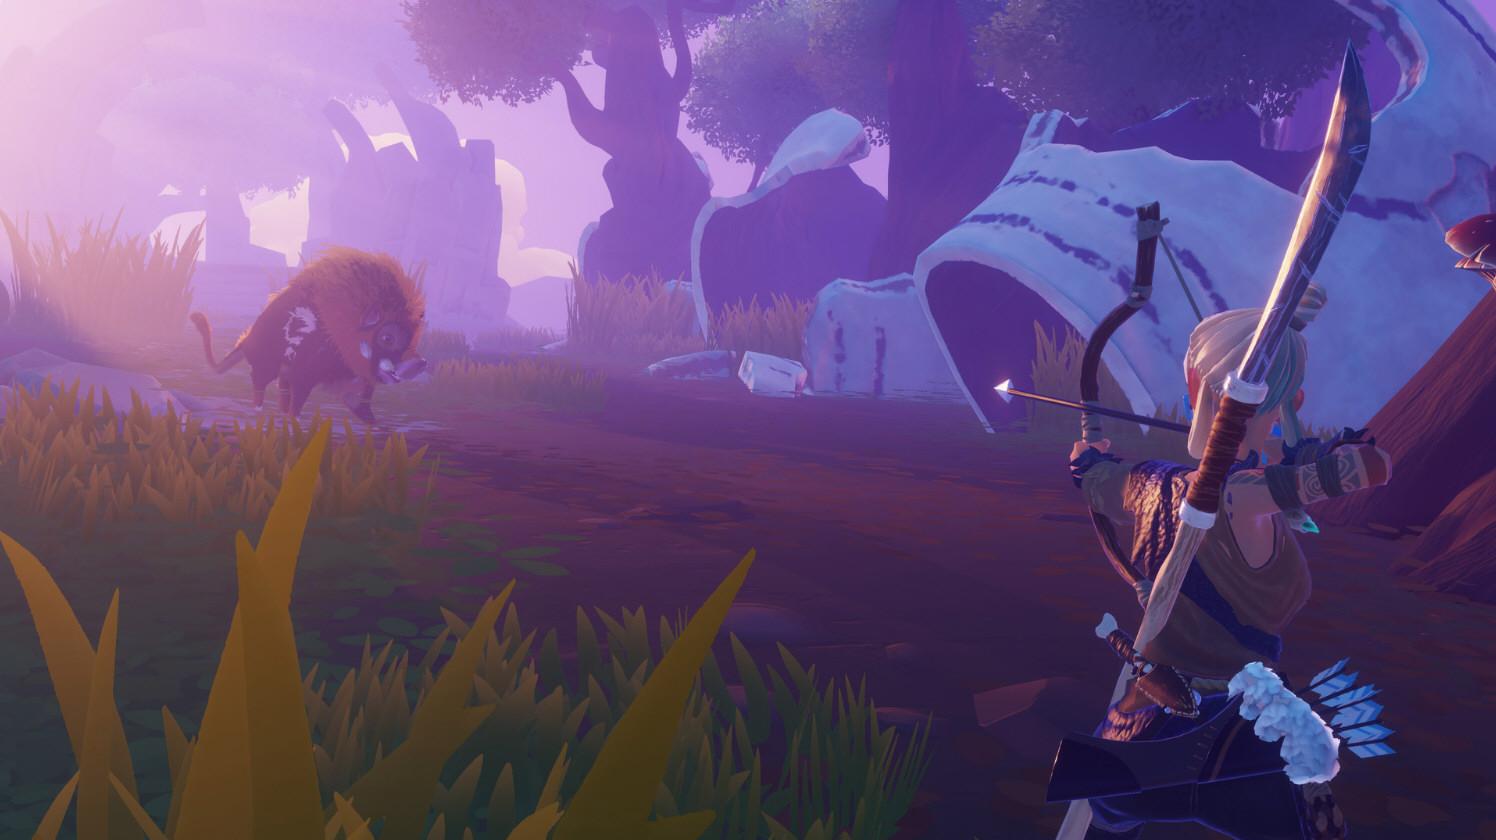 《Windbound》游戏截图1